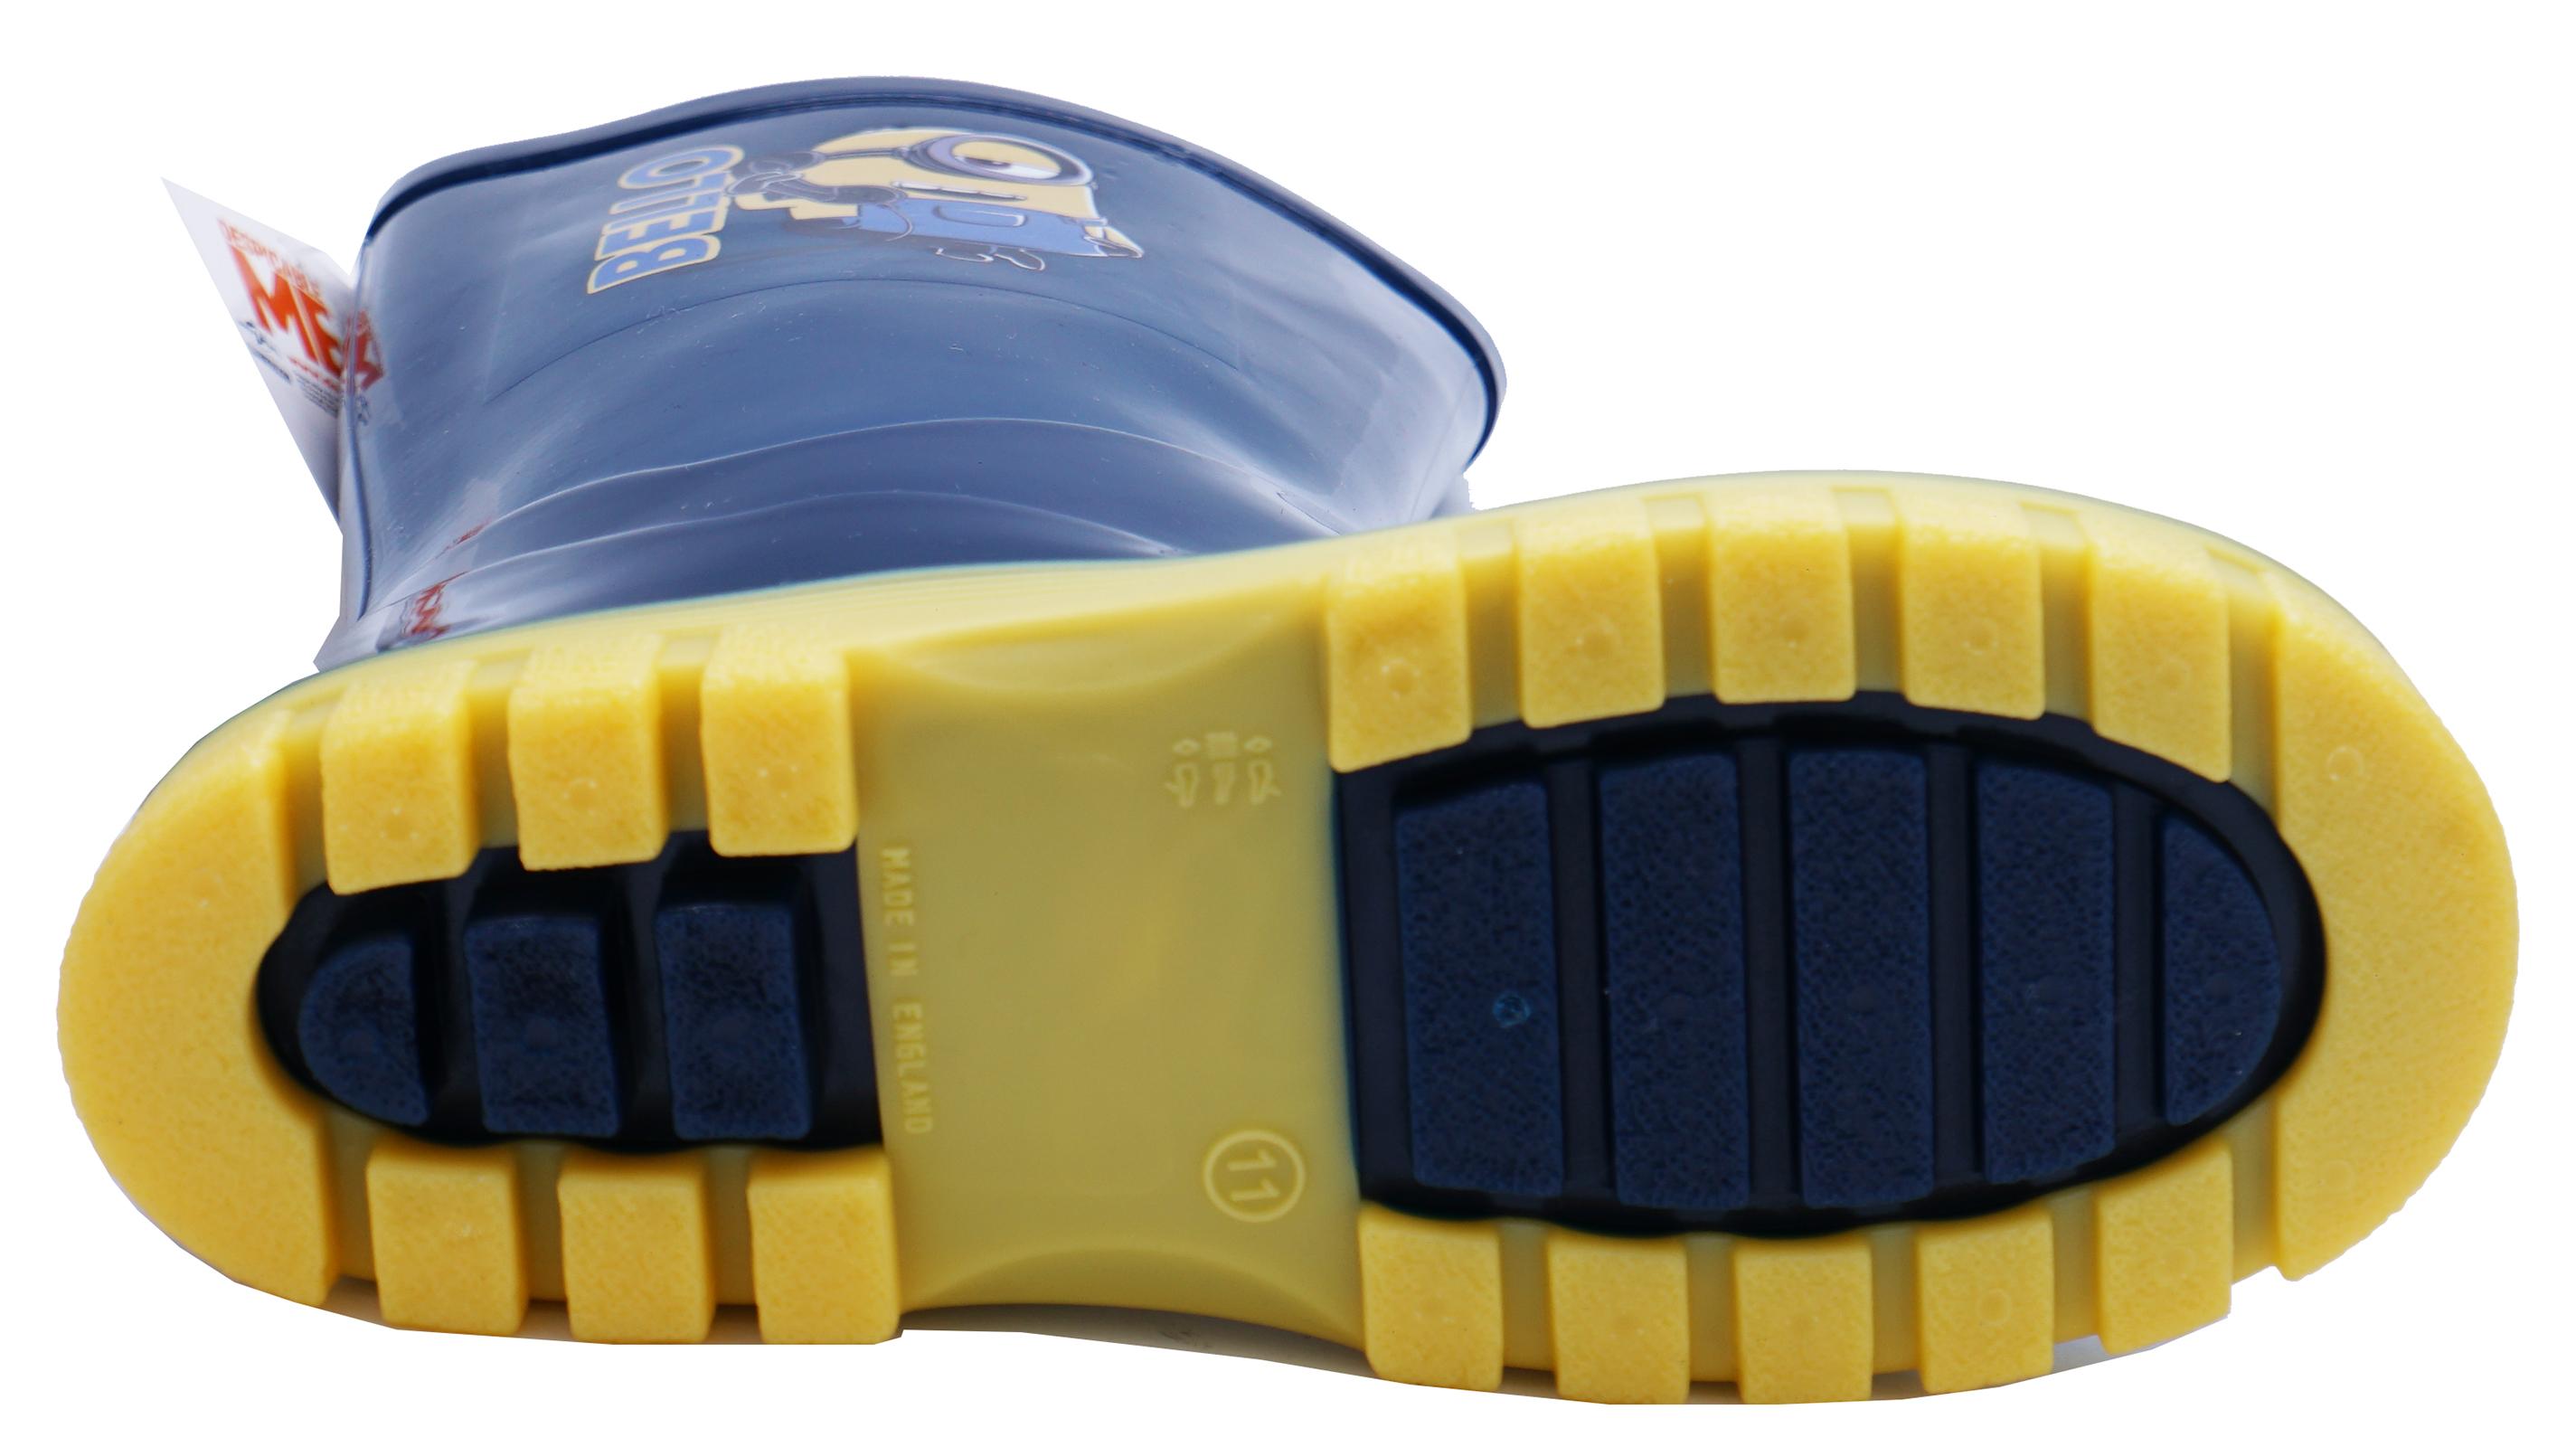 Enfants Filles Garçons Bleu Marine serviteurs À Enfiler Bottes Splash Bottes Wellington Tailles 4-12